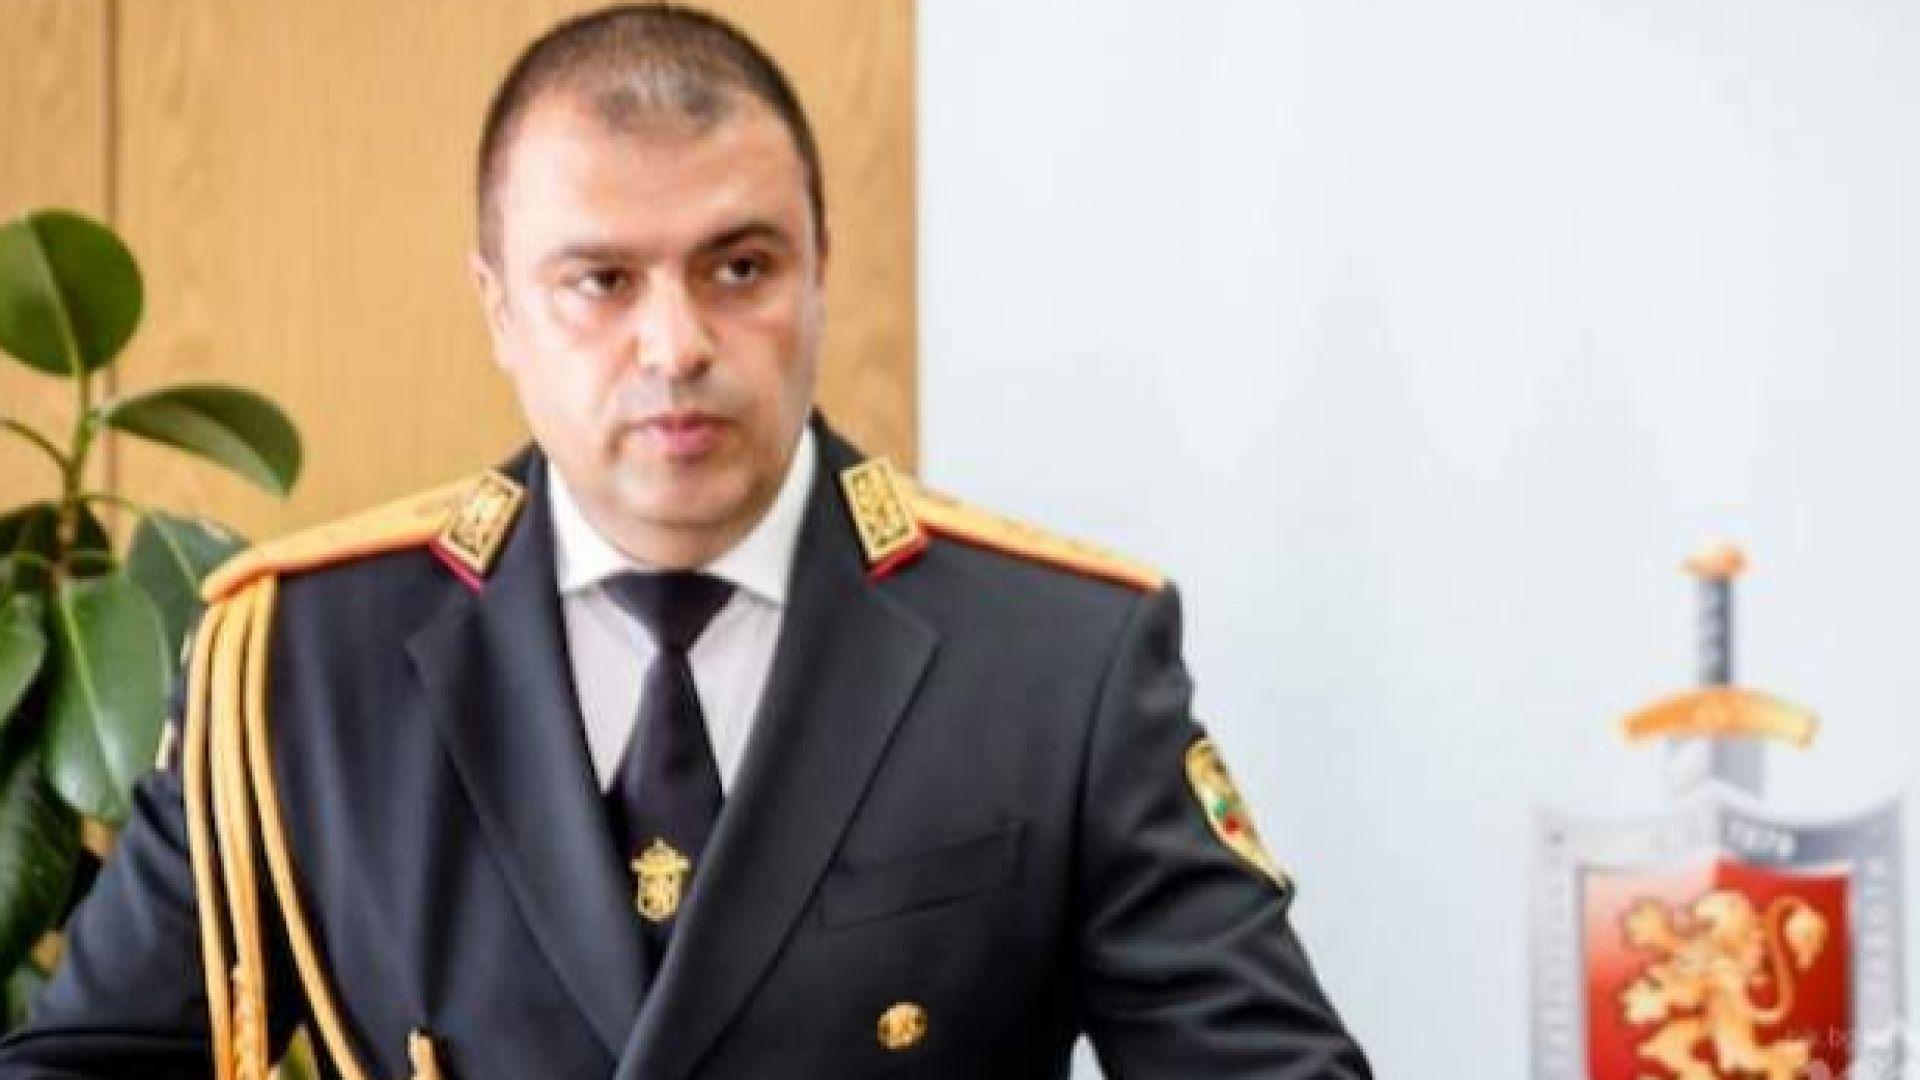 Осем станаха футболните фенове, които са в ареста заради сбиване в заведение в Пловдив